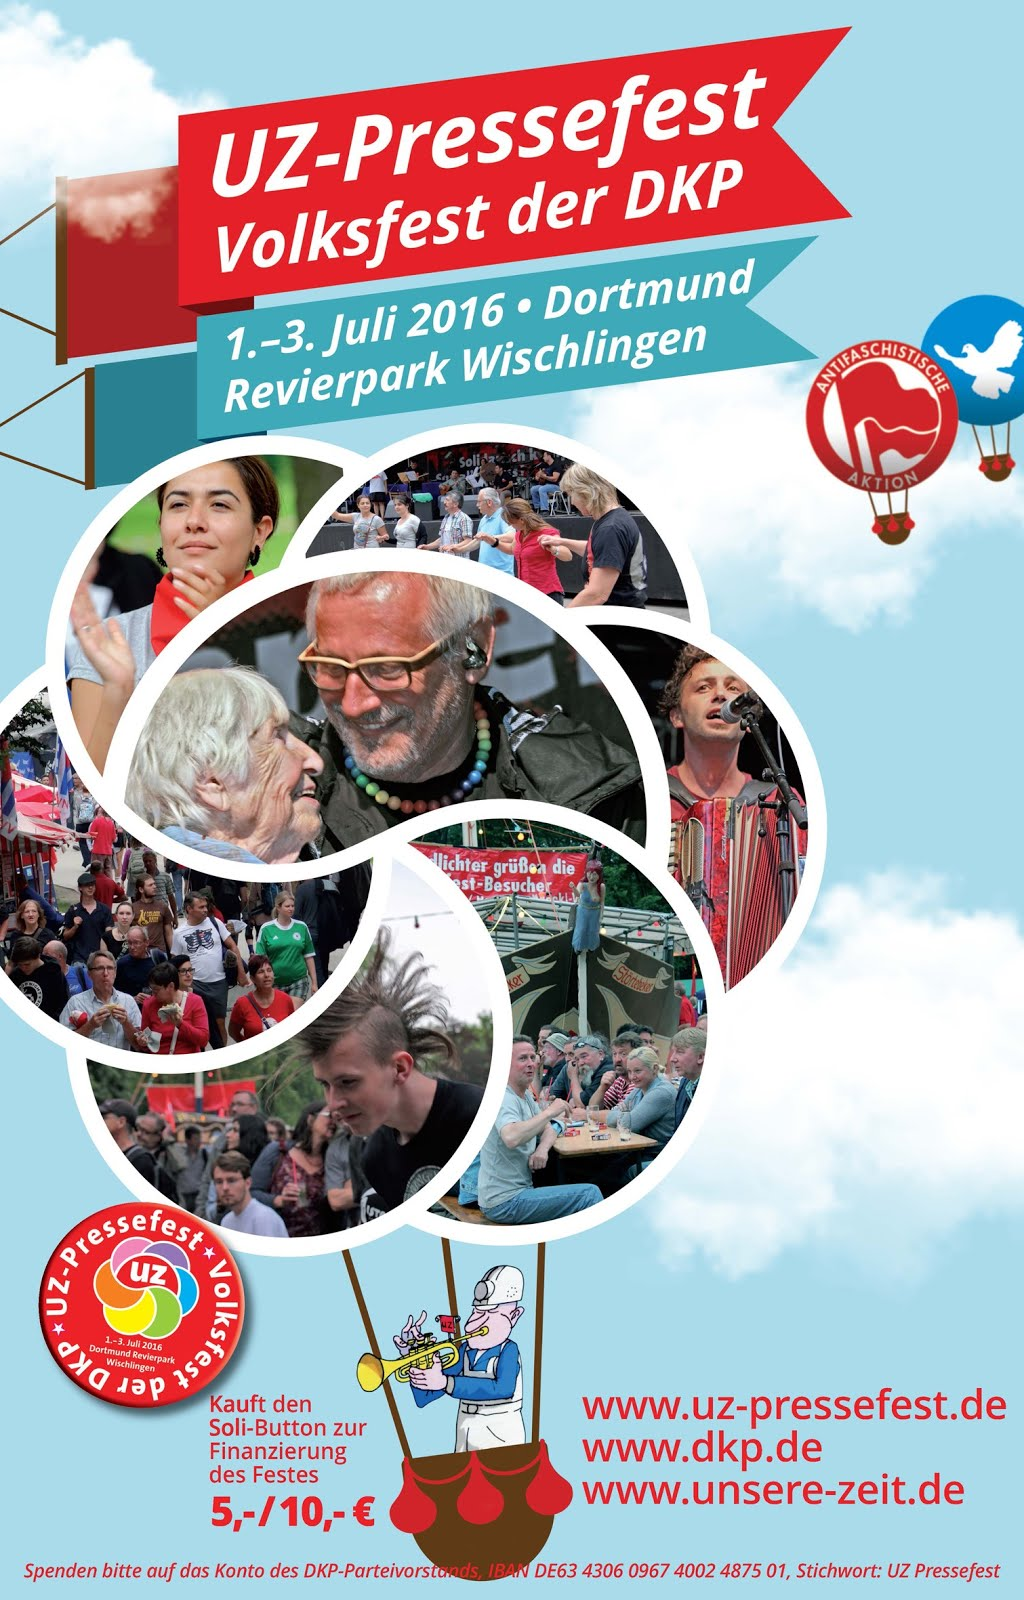 UZ-Pressefest 2016